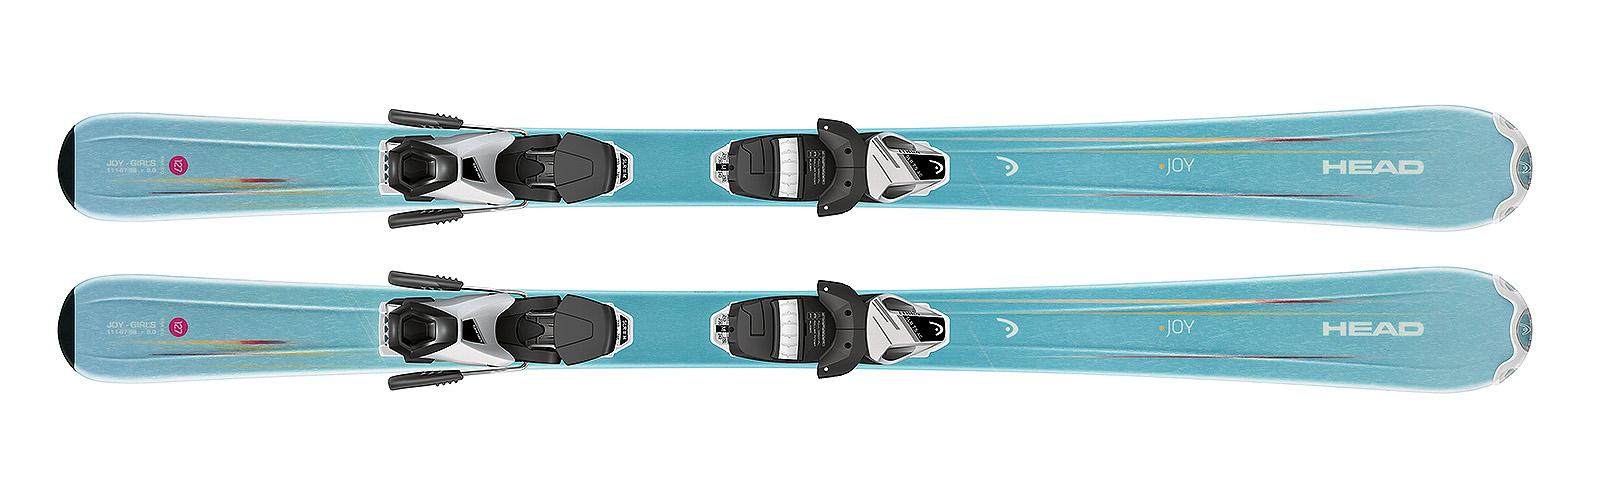 7b14a93d964f Горные лыжи Head Joy SLR2 + Крепления SLR 4.5 AC – купить в Москве ...